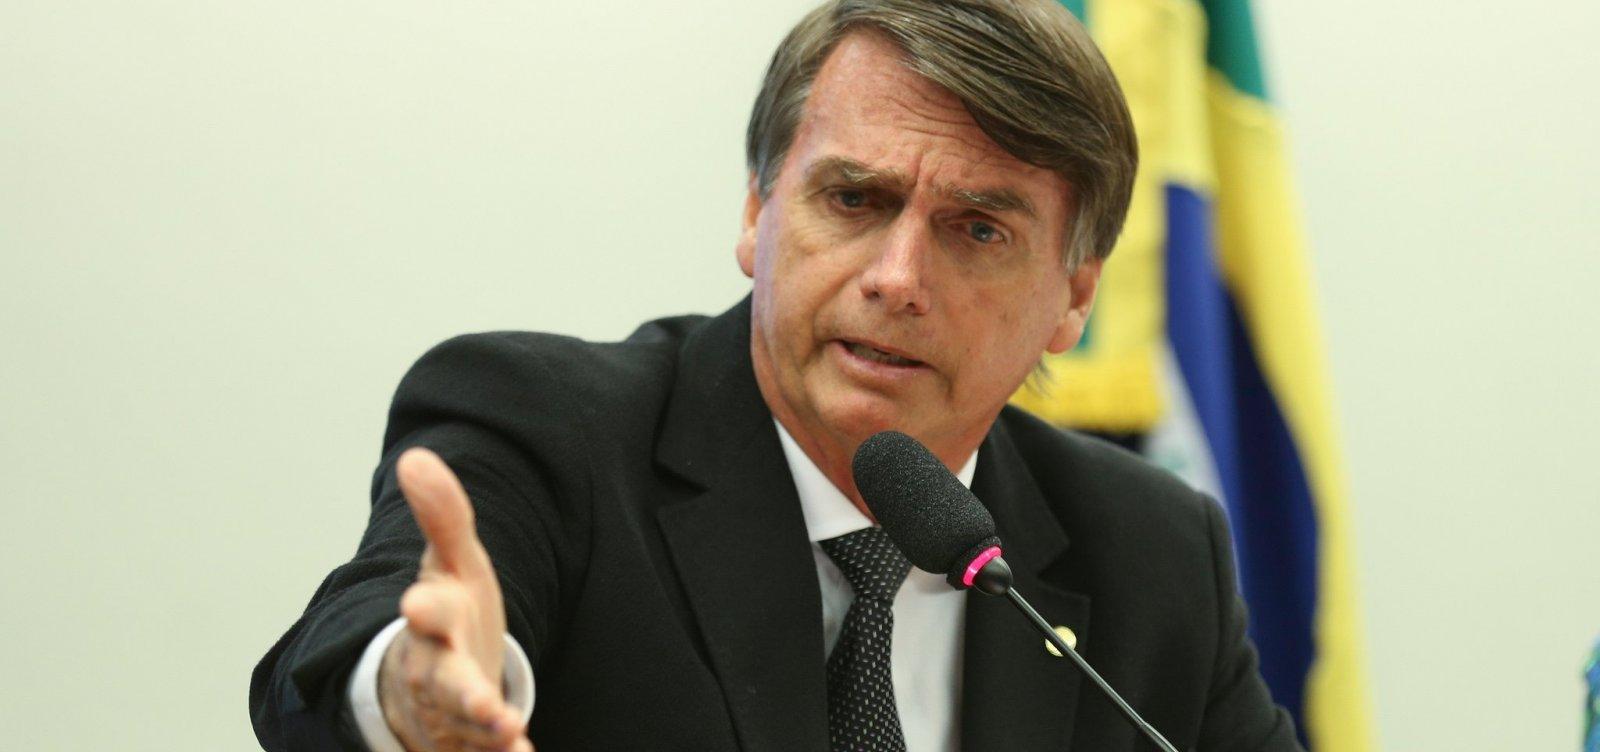 Mesmo com carta branca a Moro, combate a corrupção deve ter responsabilidade, diz Bolsonaro